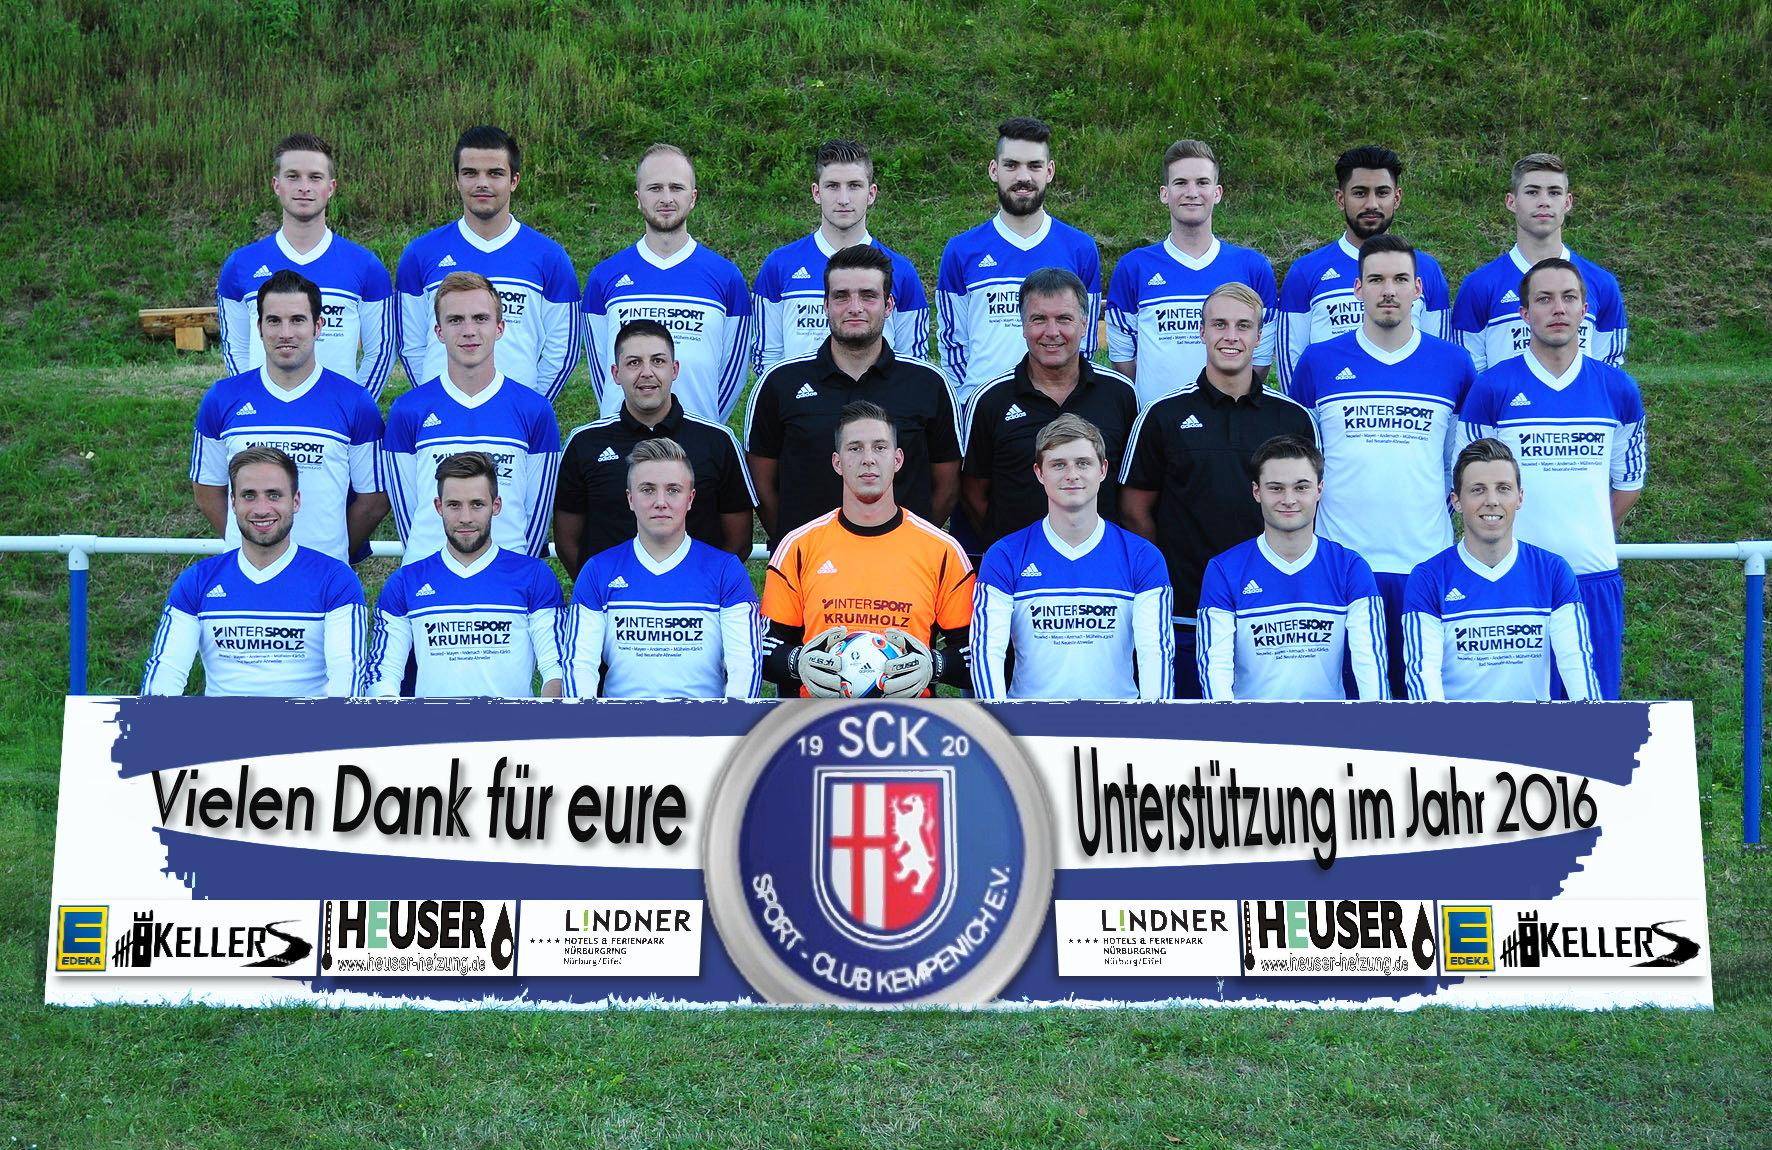 1. Mannschaft SG Kempenich-Spessart_Vielen Dank 2016